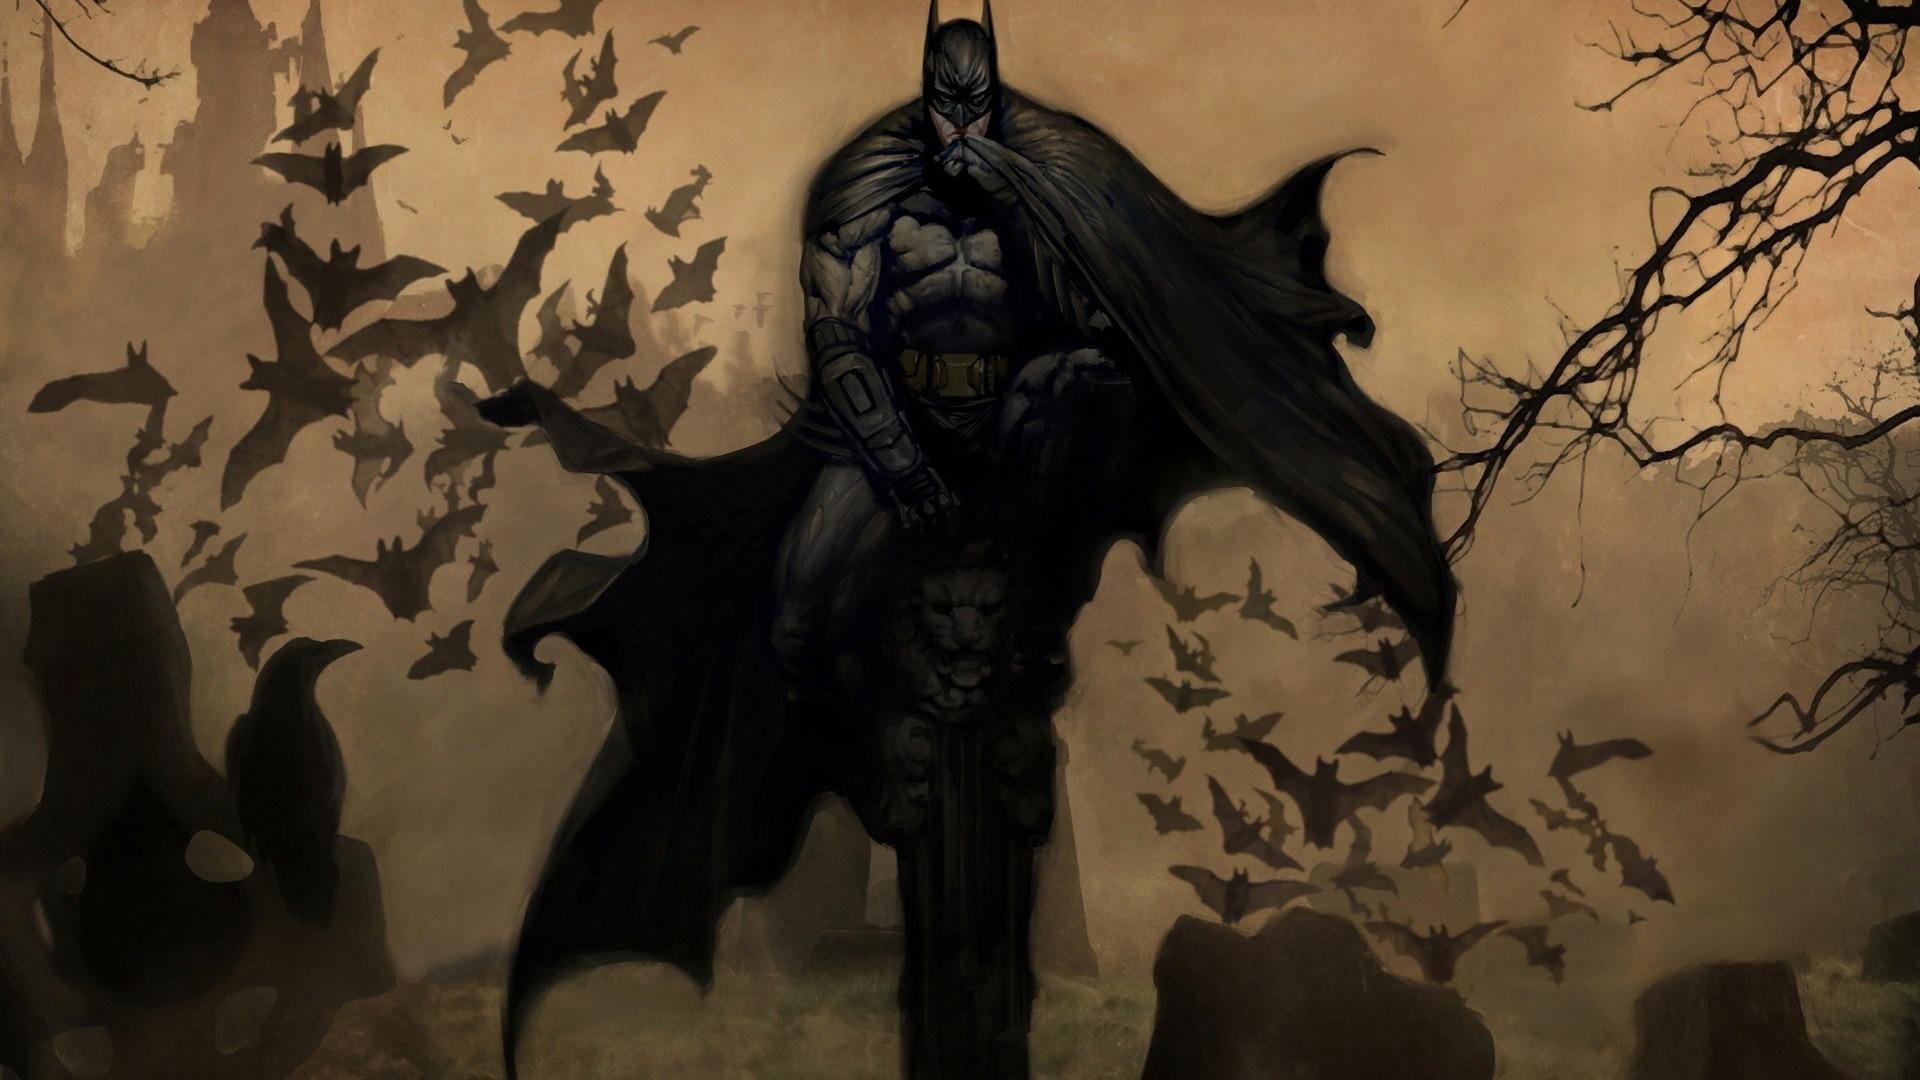 Batman Art wallpaper 107471 1920x1080